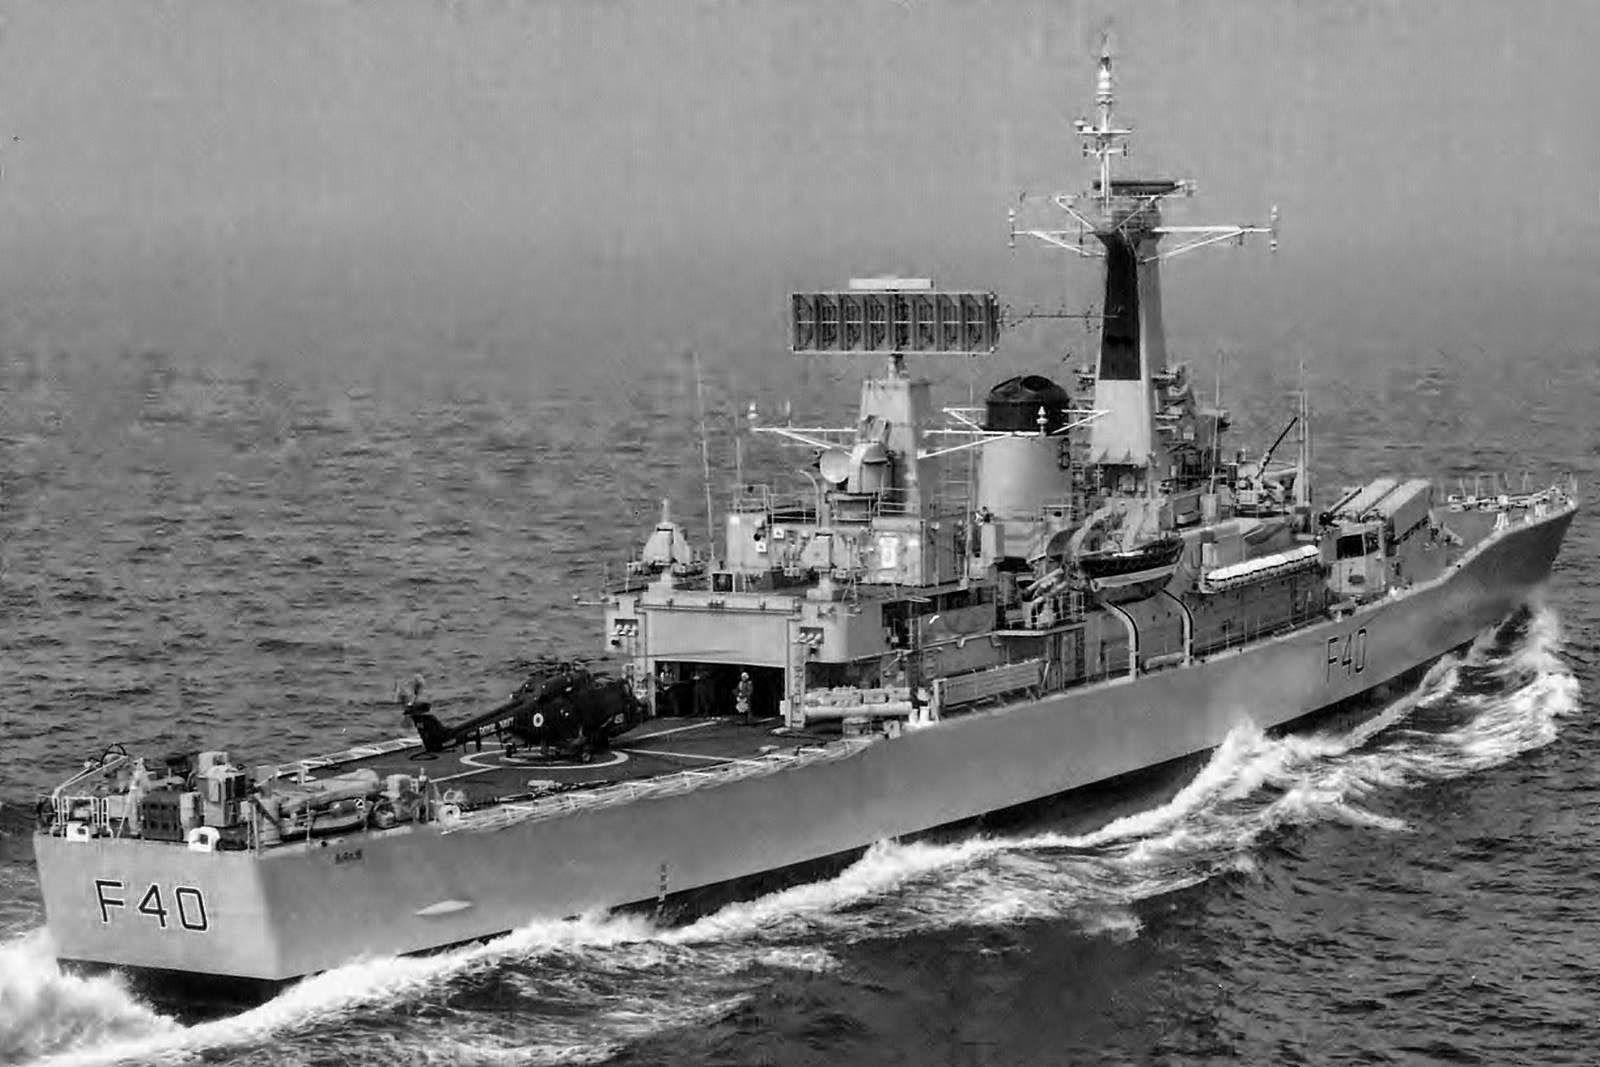 Hms Sirius Gbiz F40 Royal Navy Ships Navy Ships Navy Day